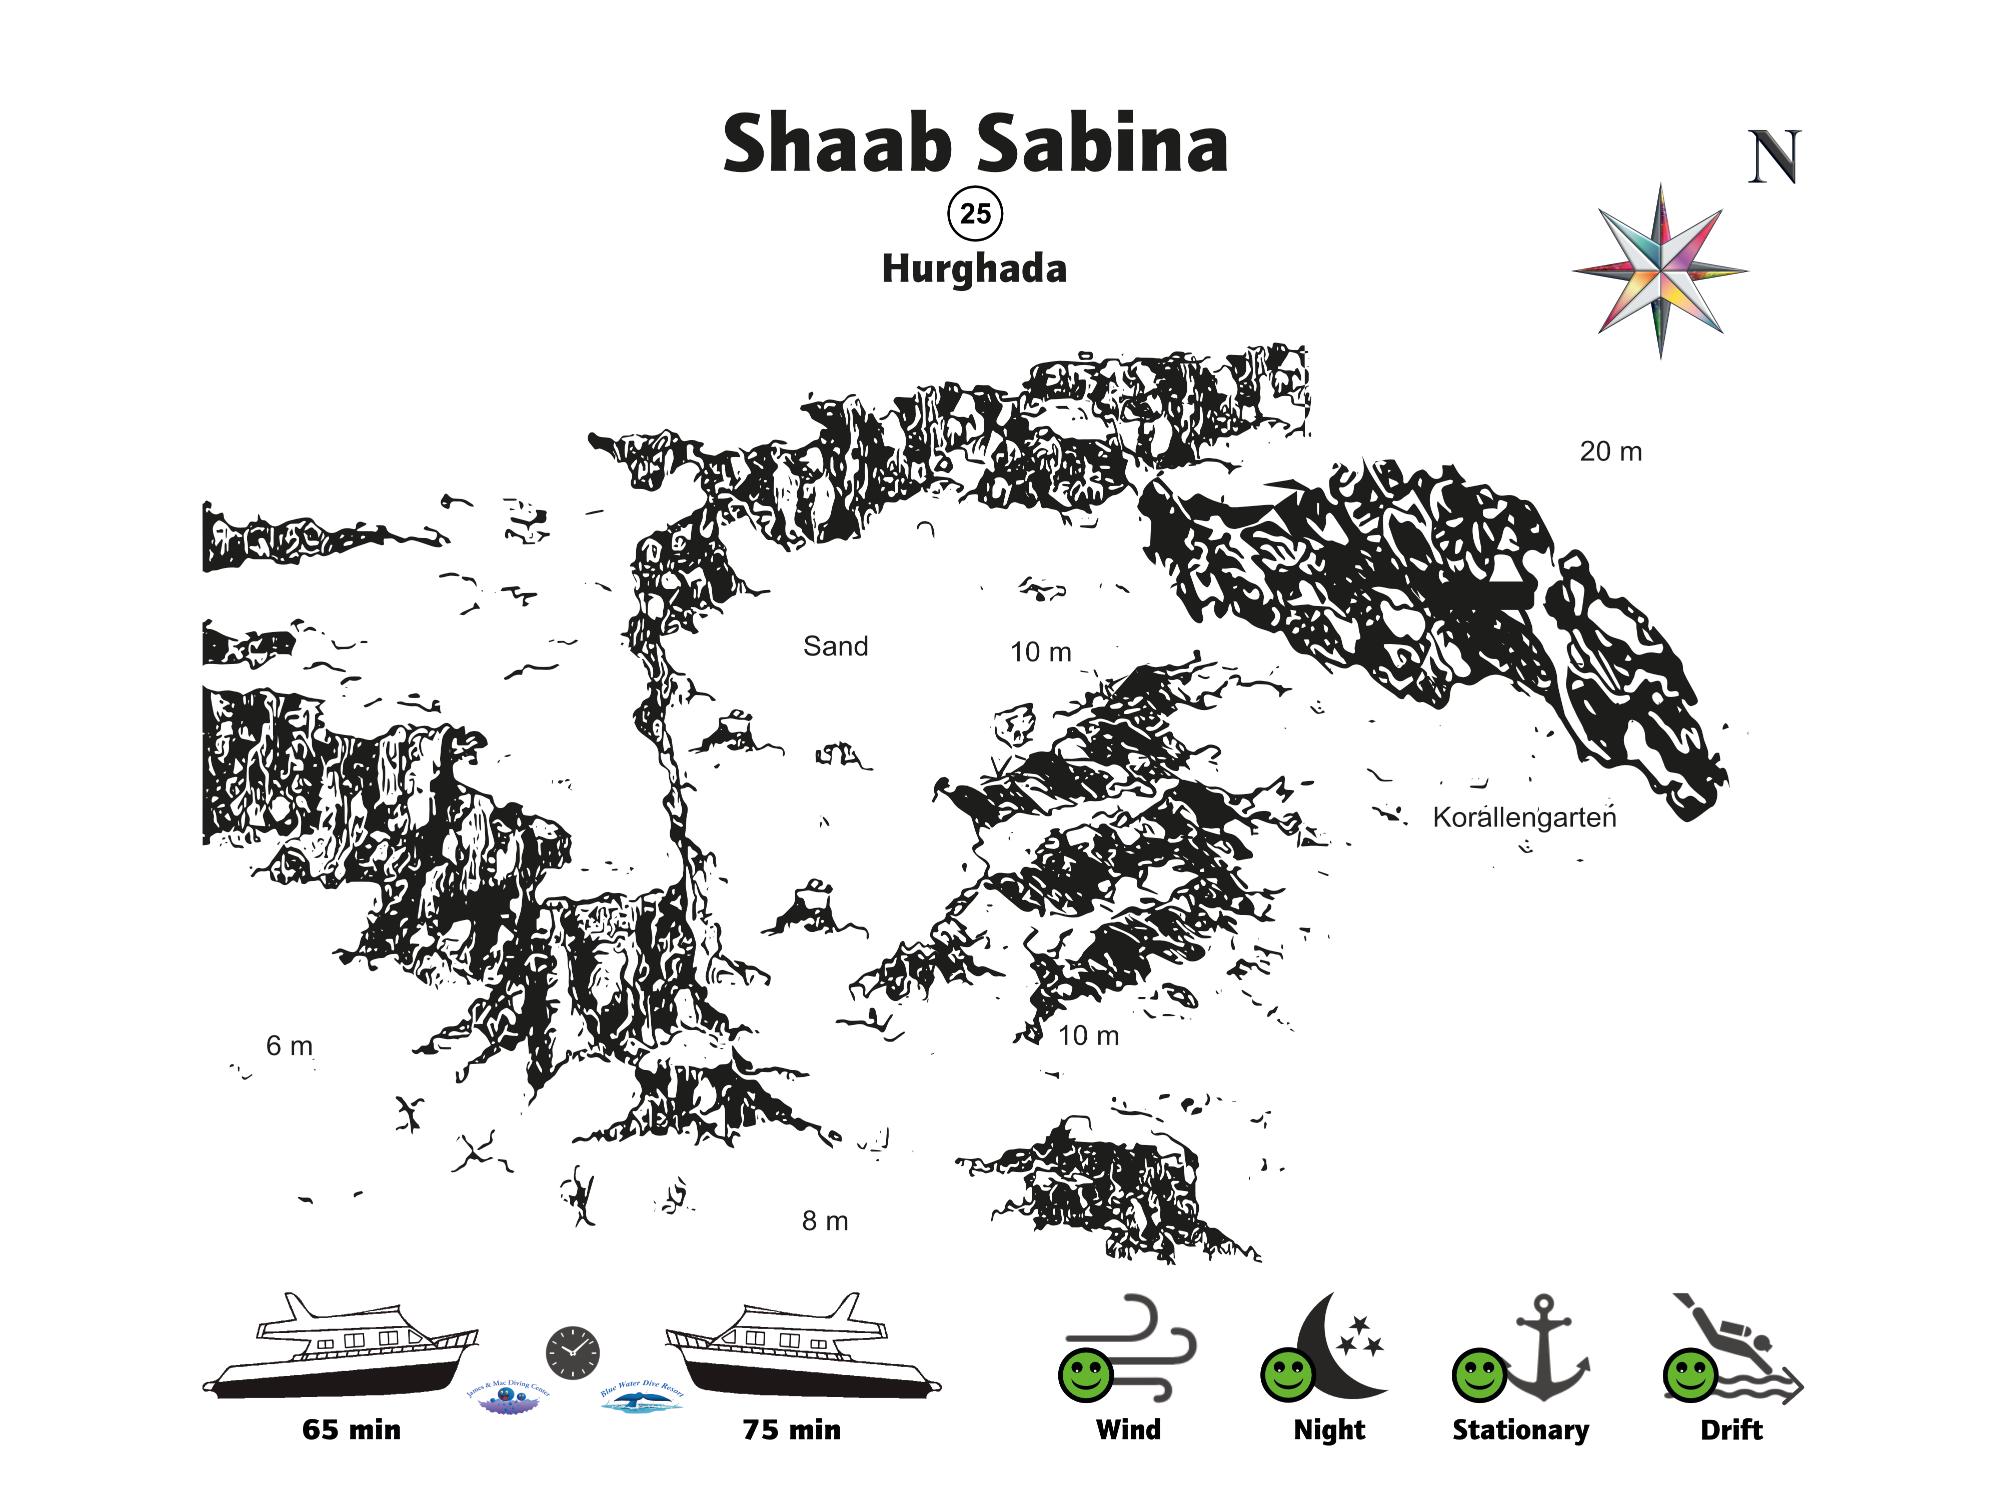 Shaab Sabina